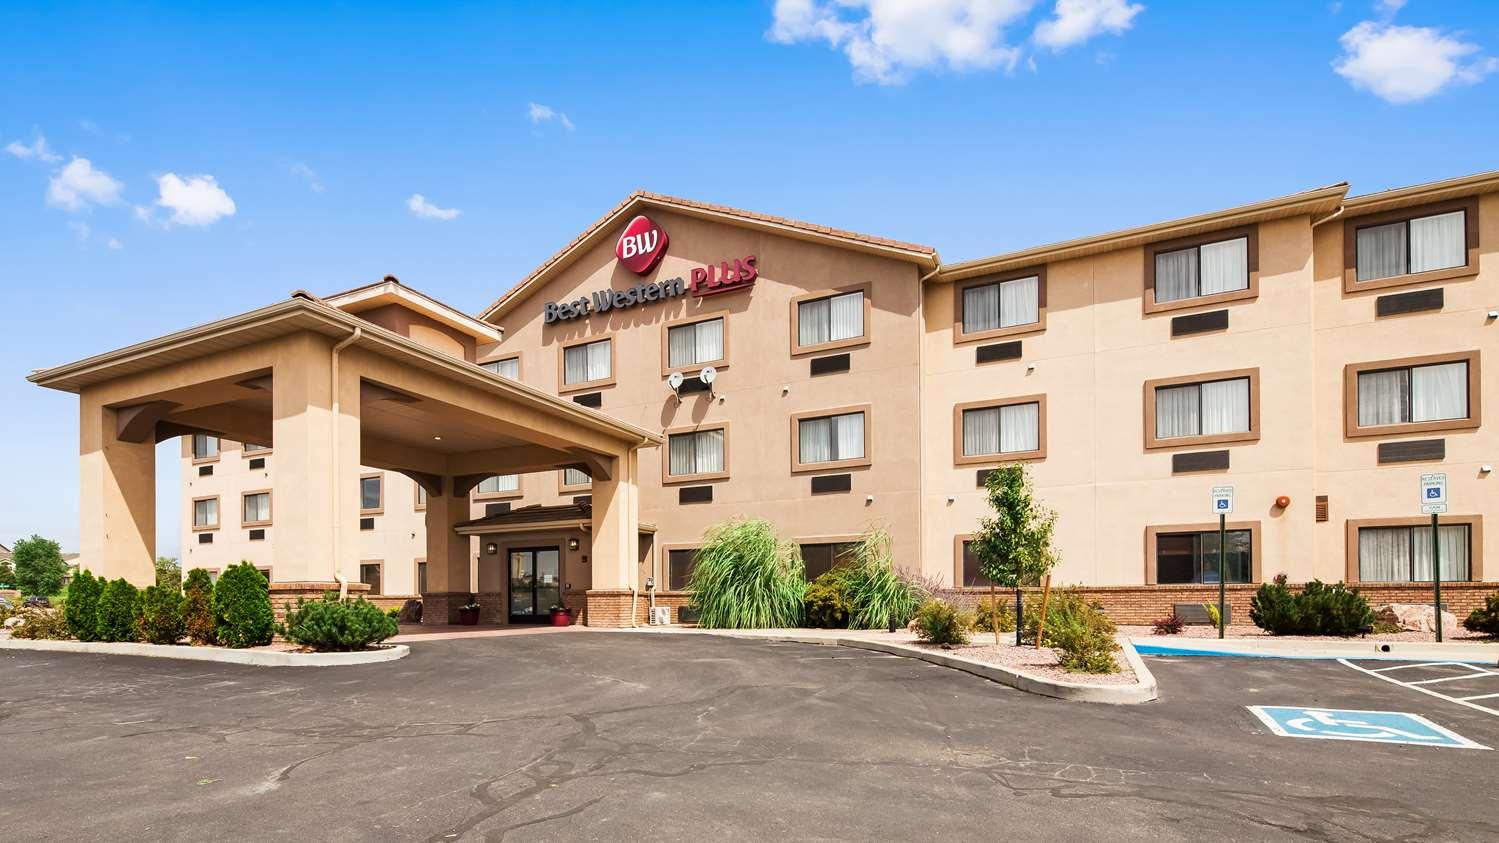 BEST WESTERN PLUS Eagleridge Inn & Suites